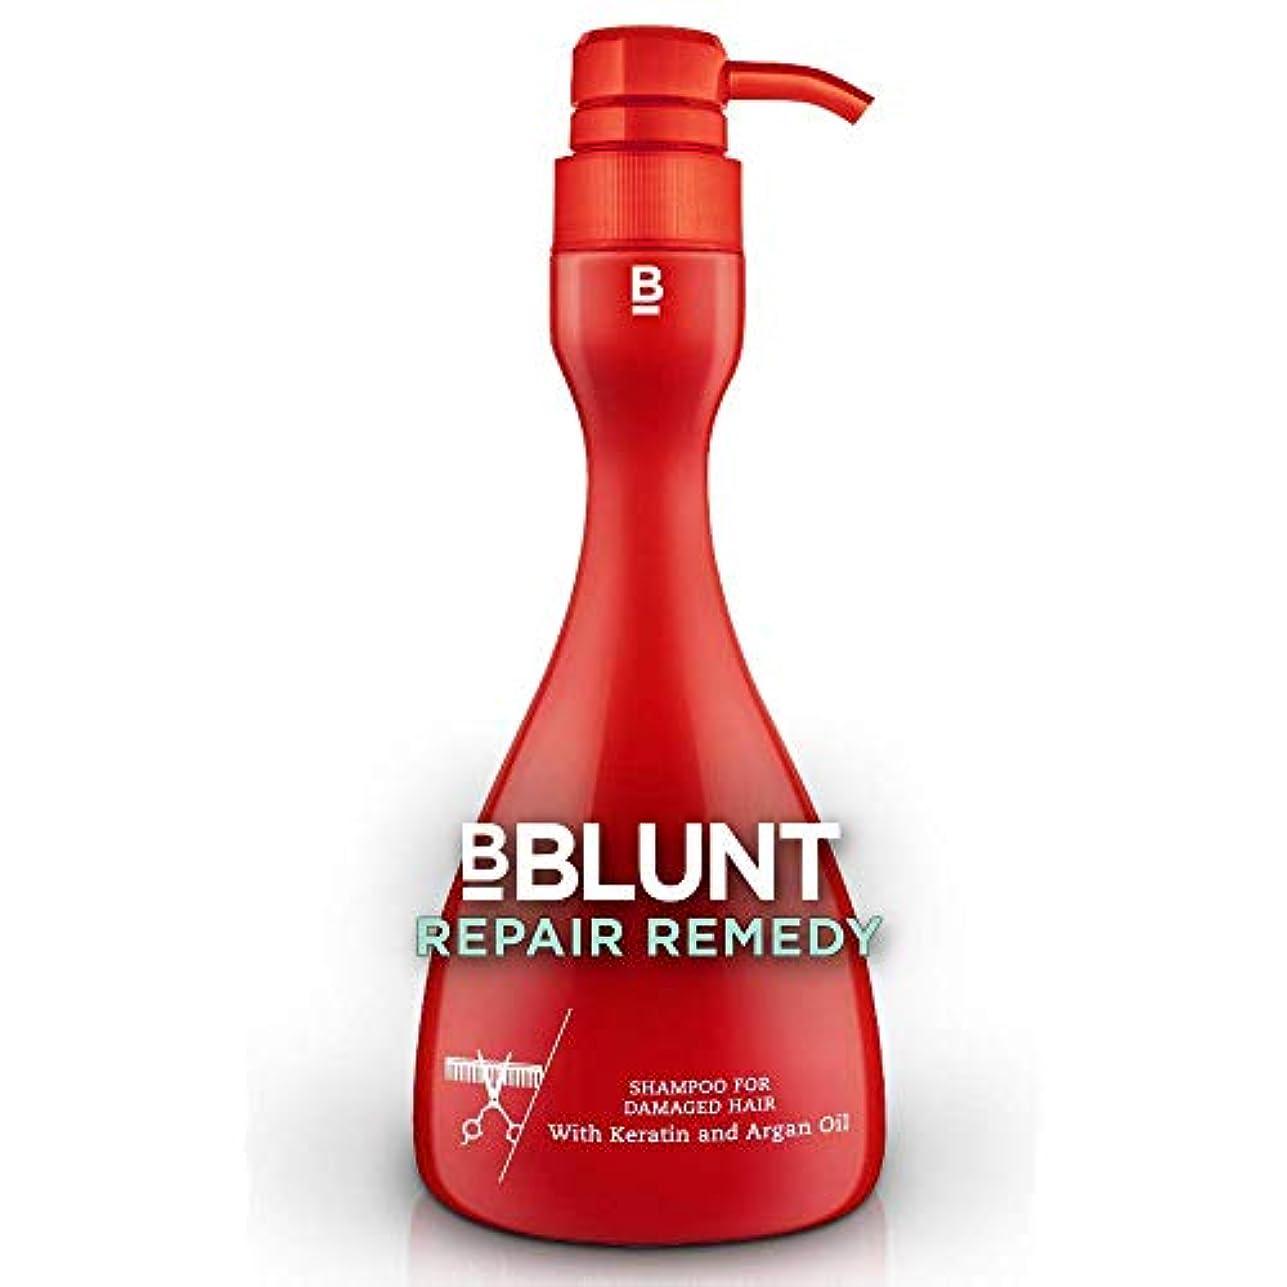 ランプズーム地上のBBLUNT Repair Remedy Shampoo for Damaged Hair, 400ml Pump Bottle (Keratin and Argan Oil)